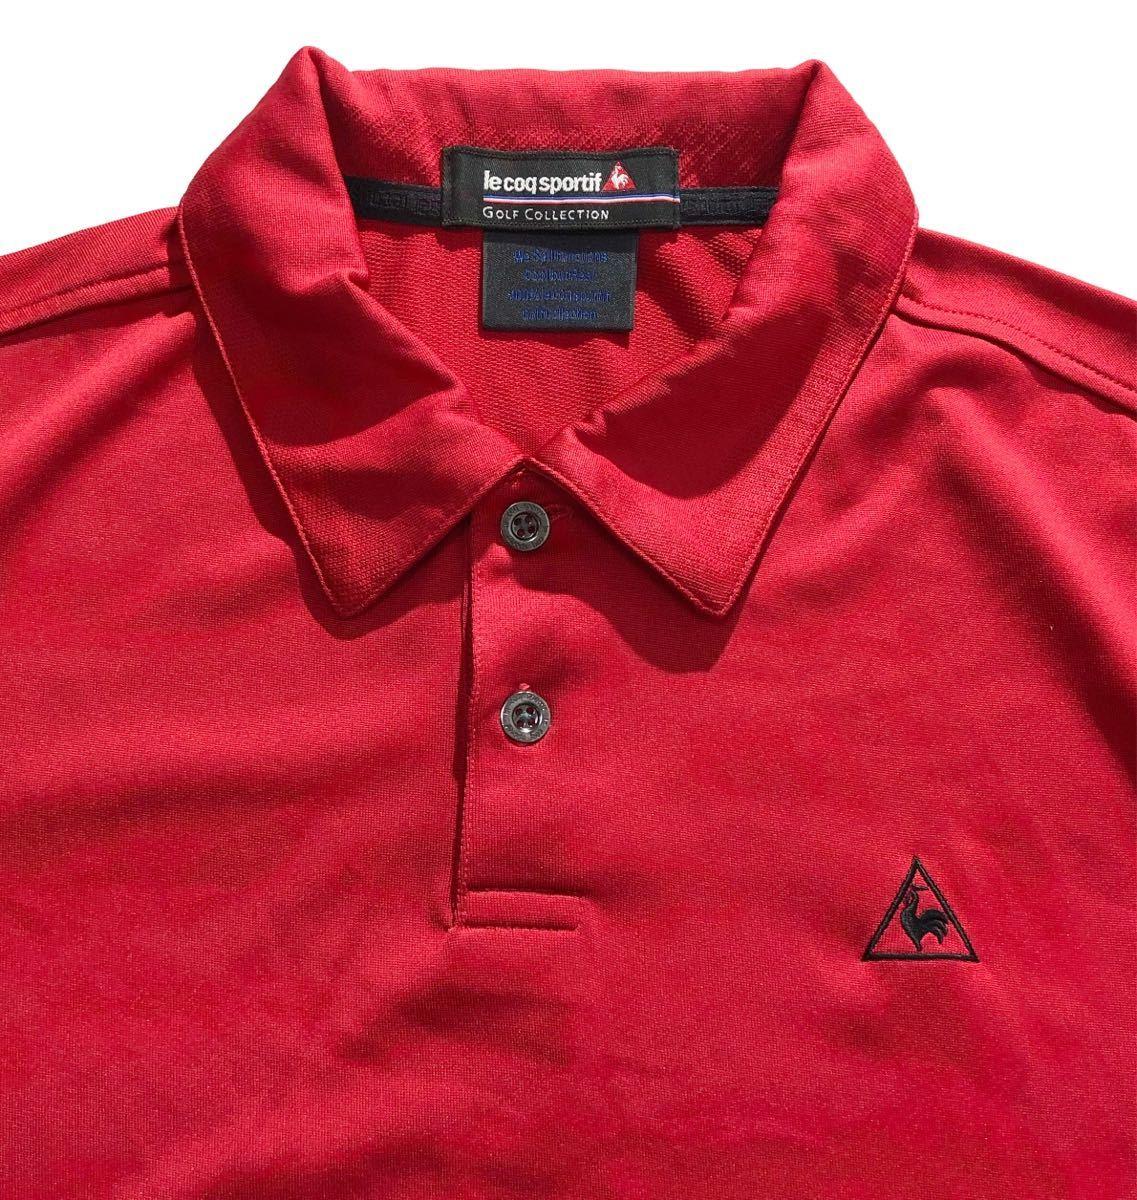 《le coq sportif GOLF ルコックゴルフ》ロゴ刺繍 半袖 ポロシャツ レッド_画像4